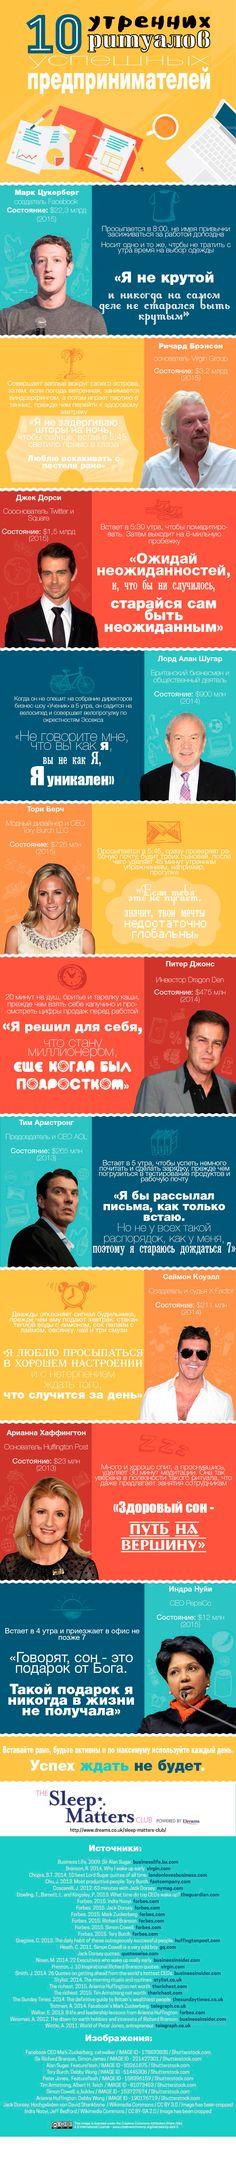 [Инфографика]: 10 утренних ритуалов успешных бизнесменов: Цукерберга, Брэнсона, Дорси и других